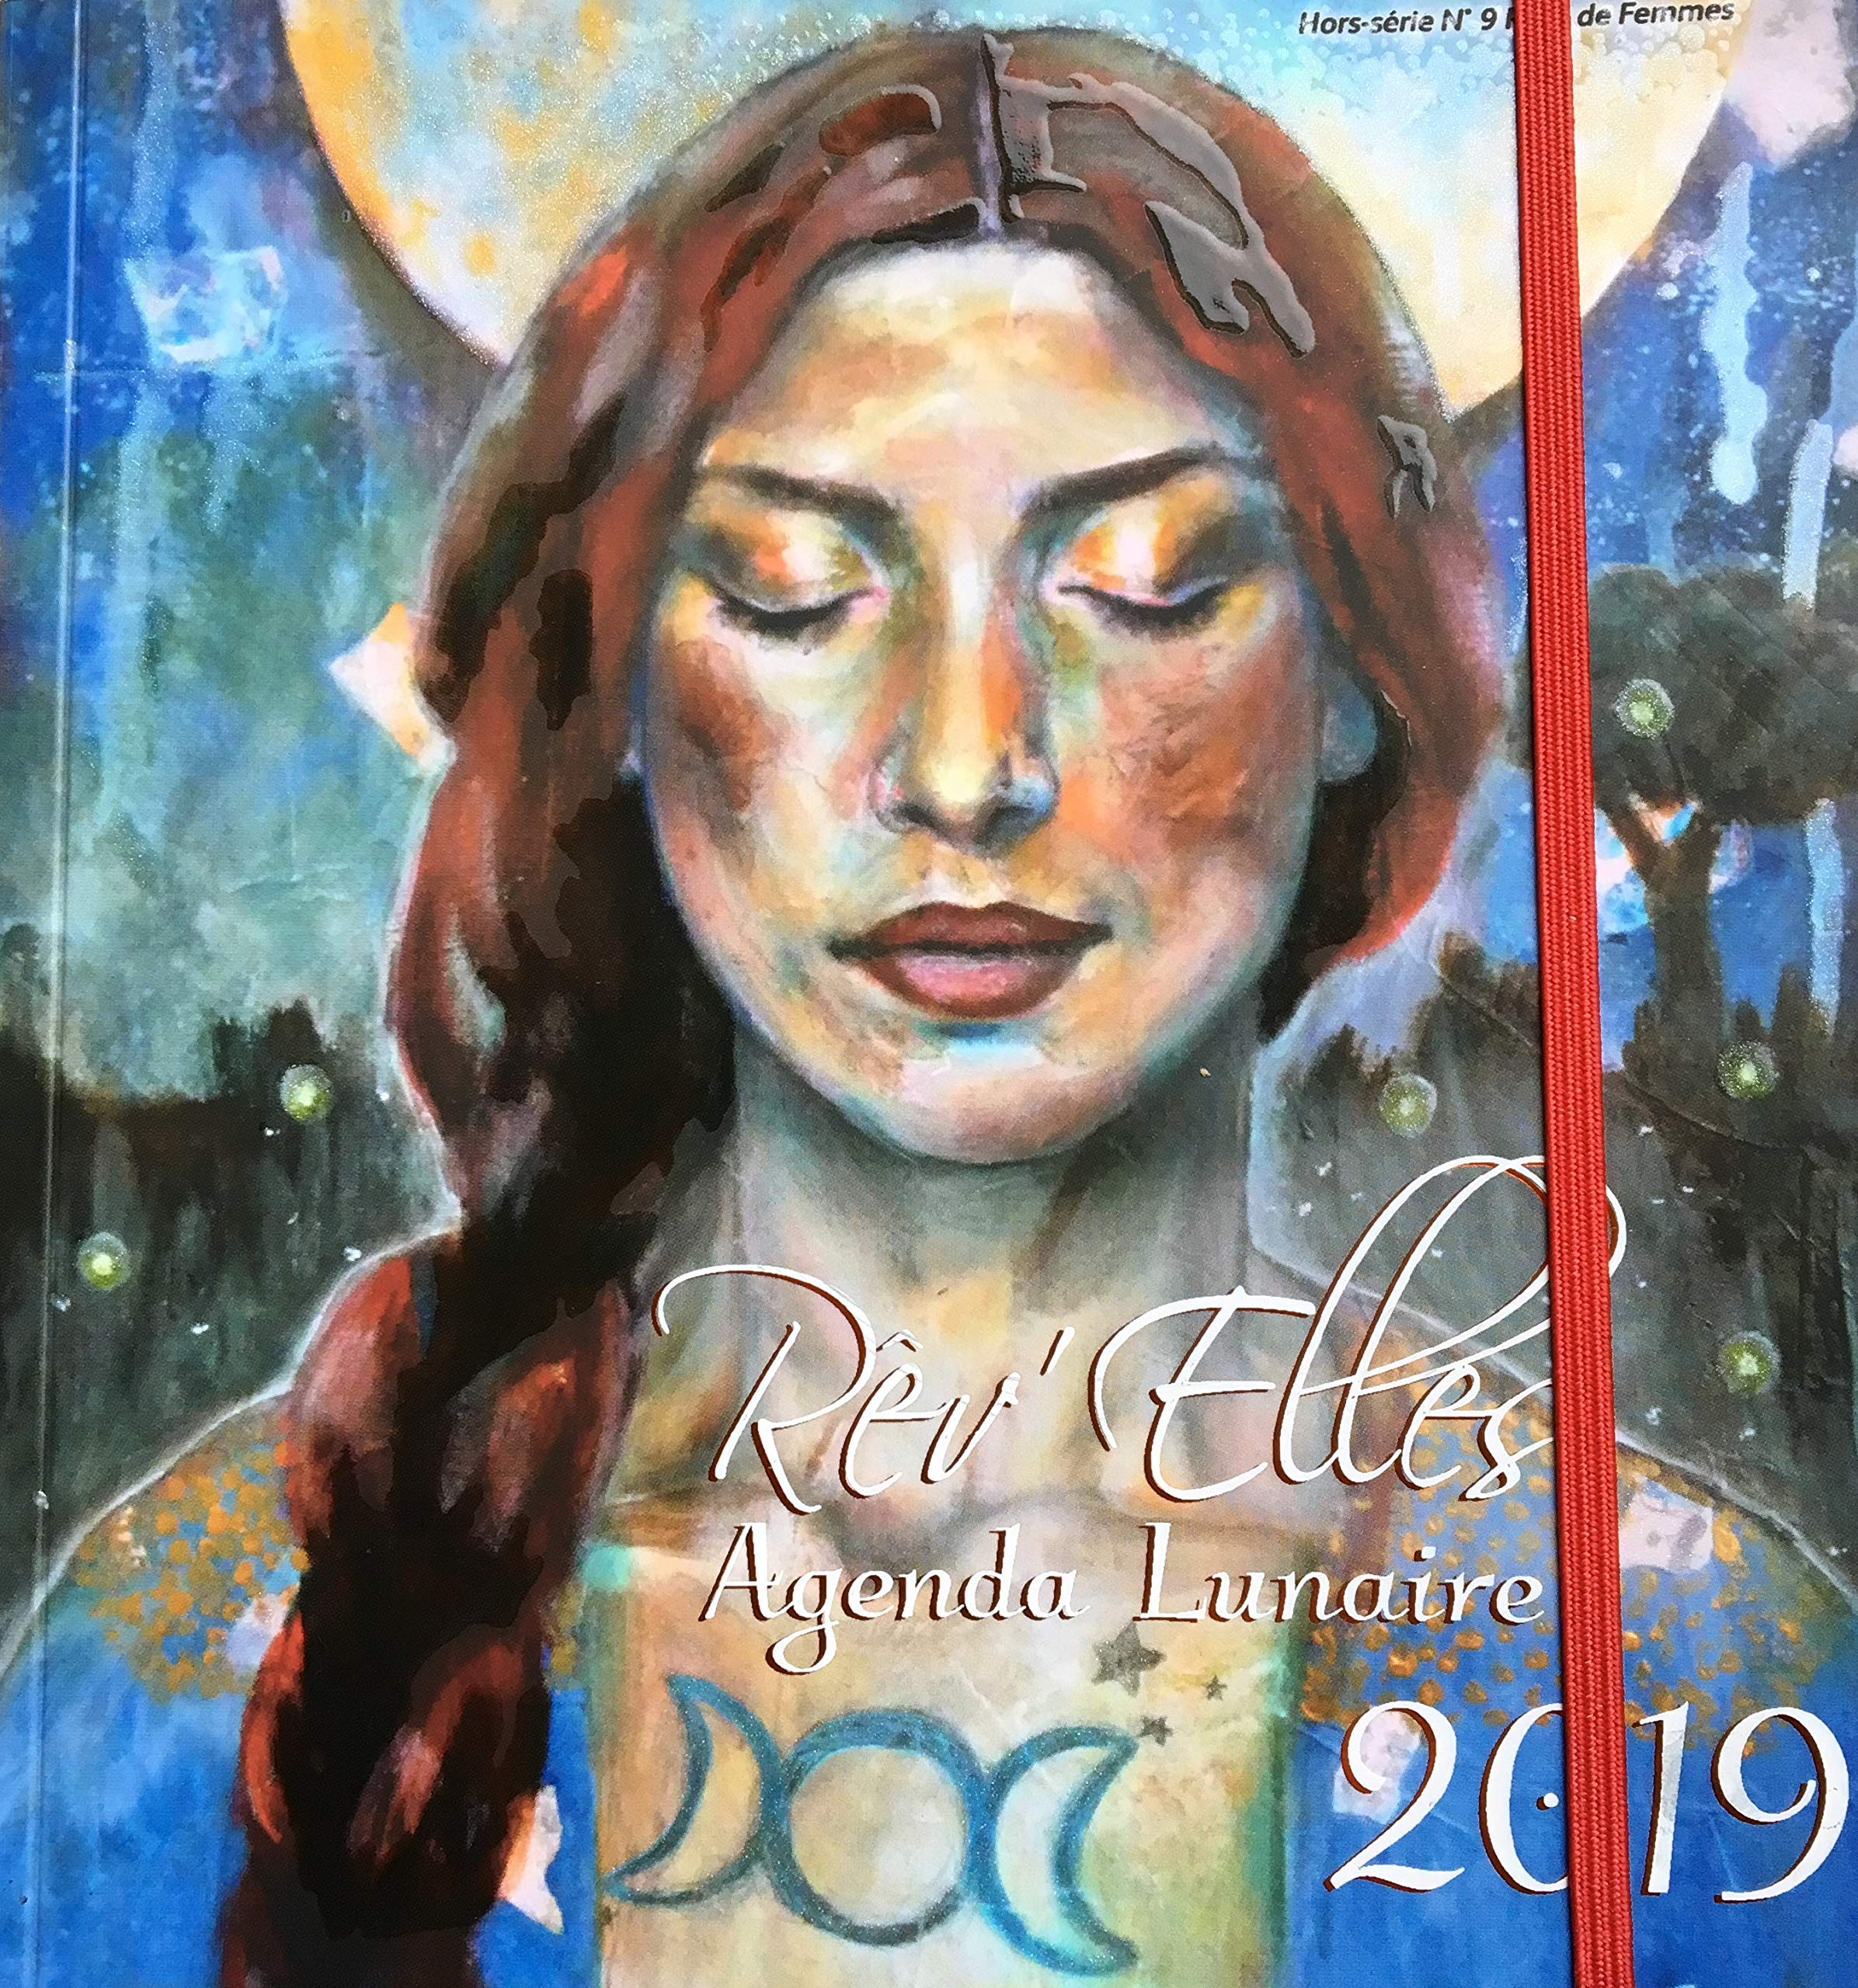 Agenda Lunaire 2019 Broché – 15 septembre 2018 Collectif Reve de Femmes B07HSM5C8W LIVRES PRATIQUES